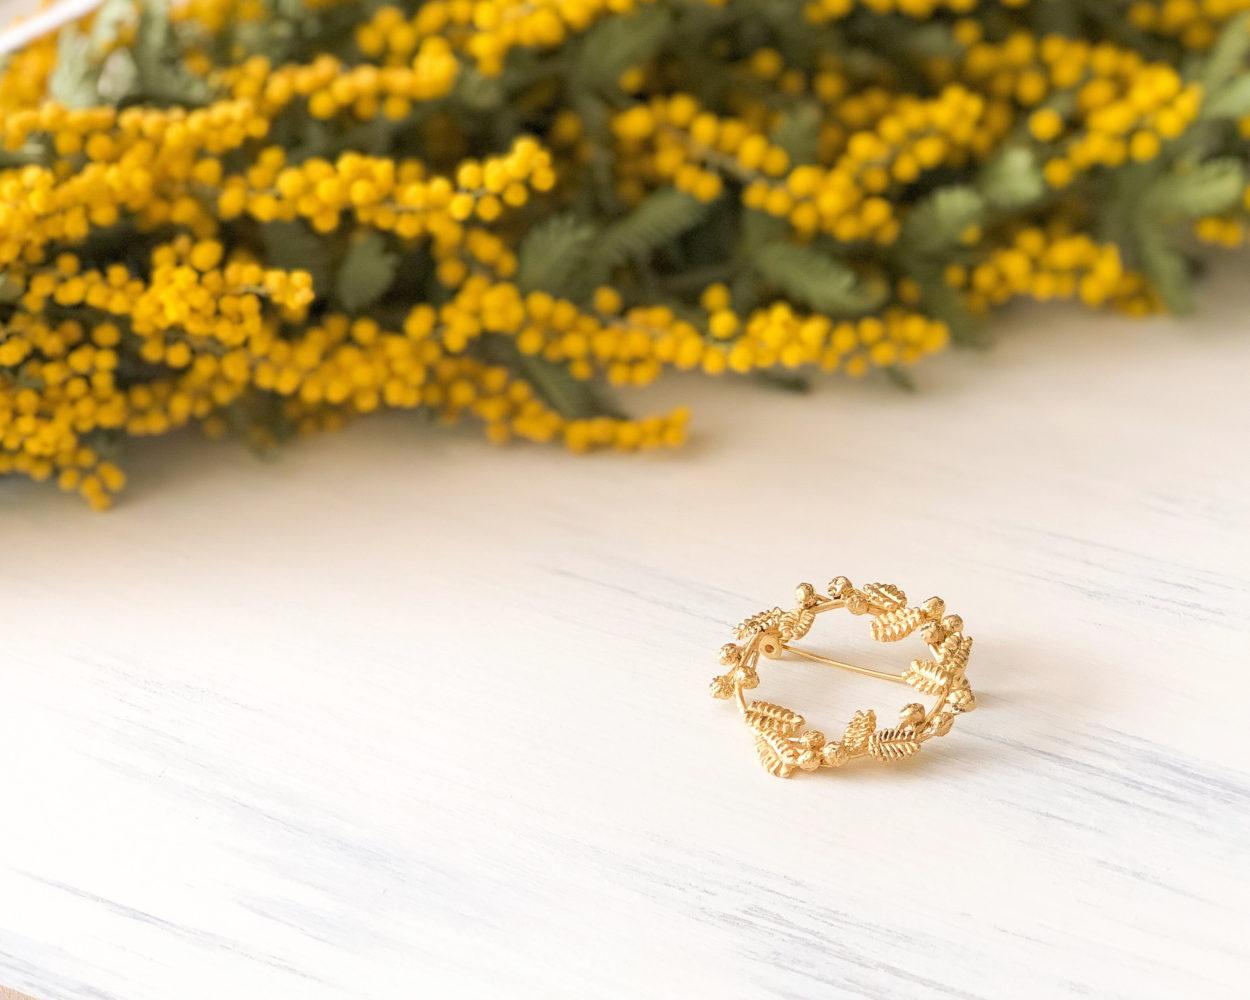 New Jewelry Next spring延期のお知らせ